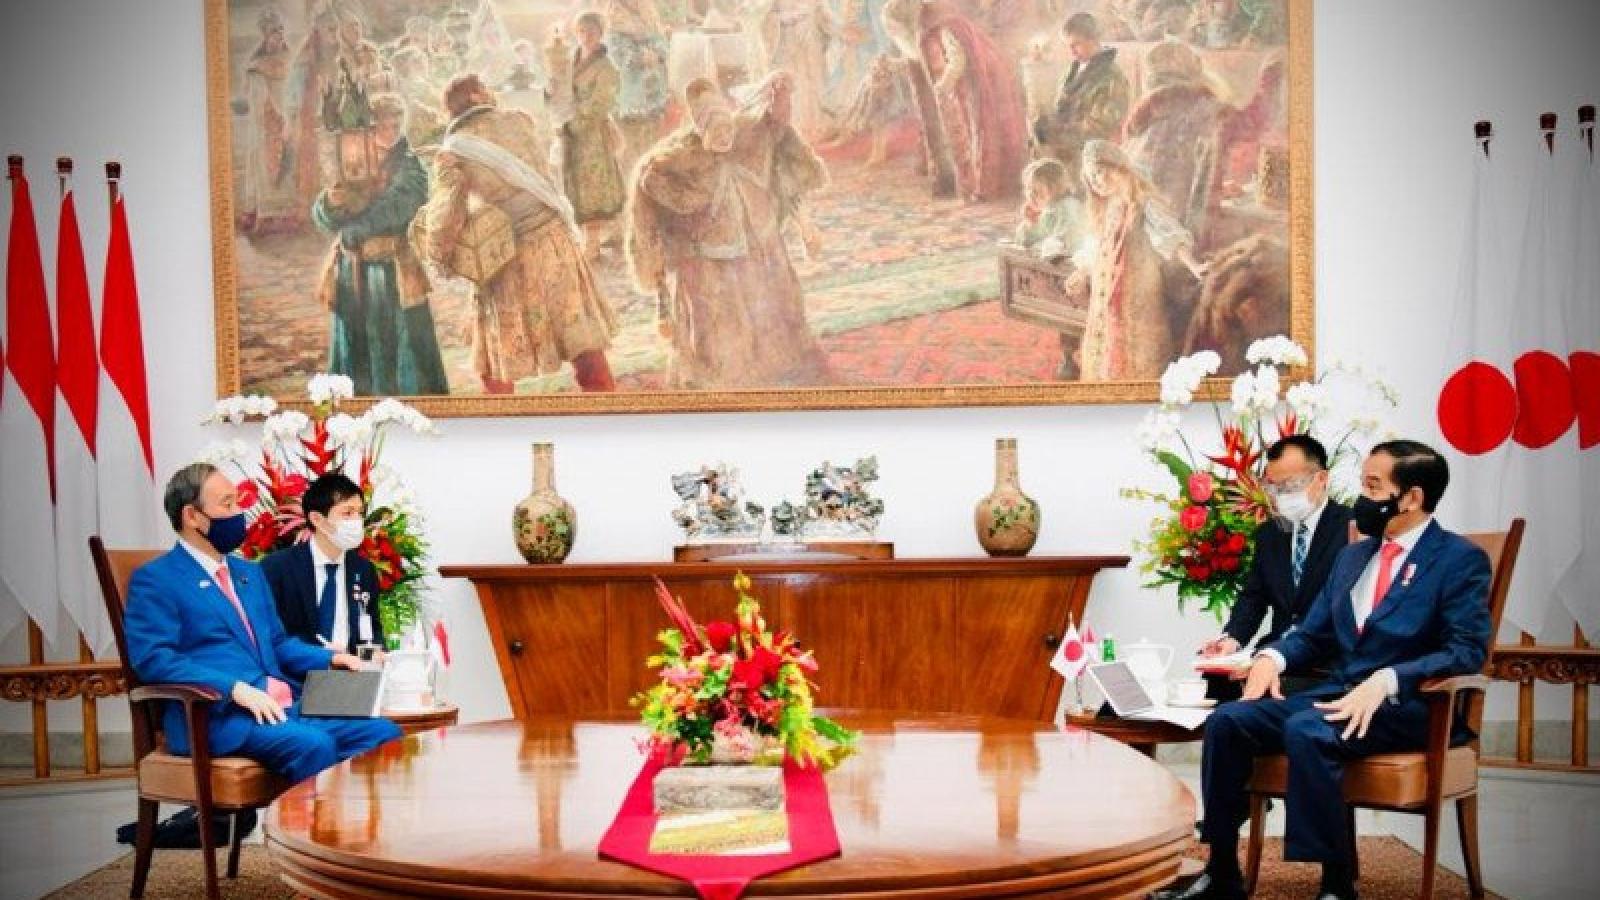 Thủ tướng Nhật Bản và Tổng thống Indonesia đạt được 4 thỏa thuận quan trọng